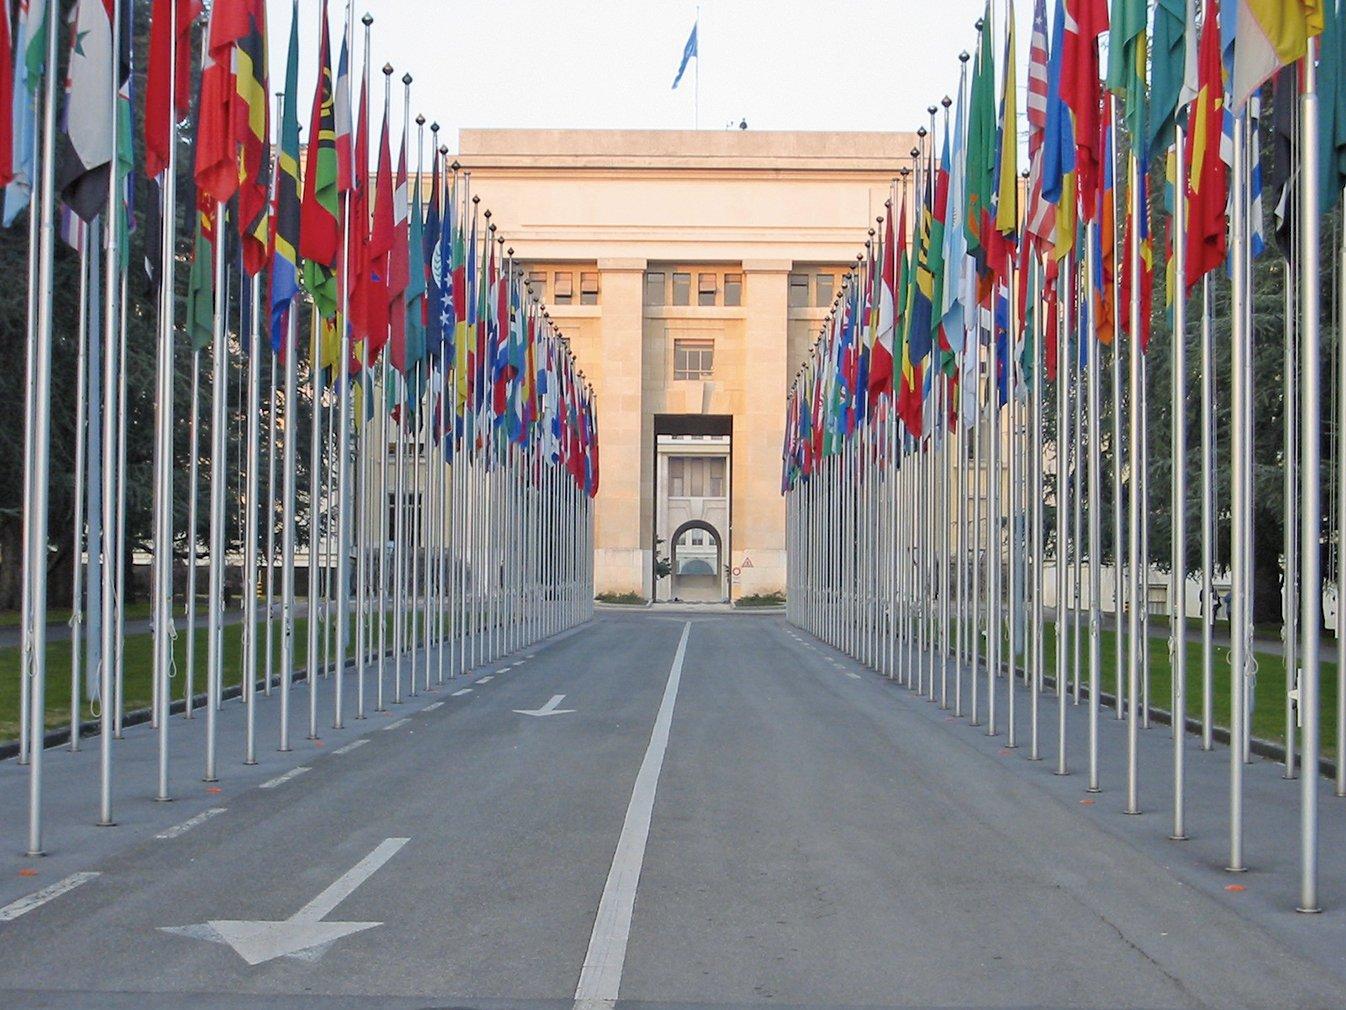 人權觀察周一(4月1日)披露,前不久在日內瓦舉行的聯合國人權理事會會議期間,中共全程利用施壓和警告來遏制國際對其惡劣人權紀錄的批評。圖為聯合國日內瓦辦事處的主要辦公場所萬國宮。(Yann/Wikimedia commons)